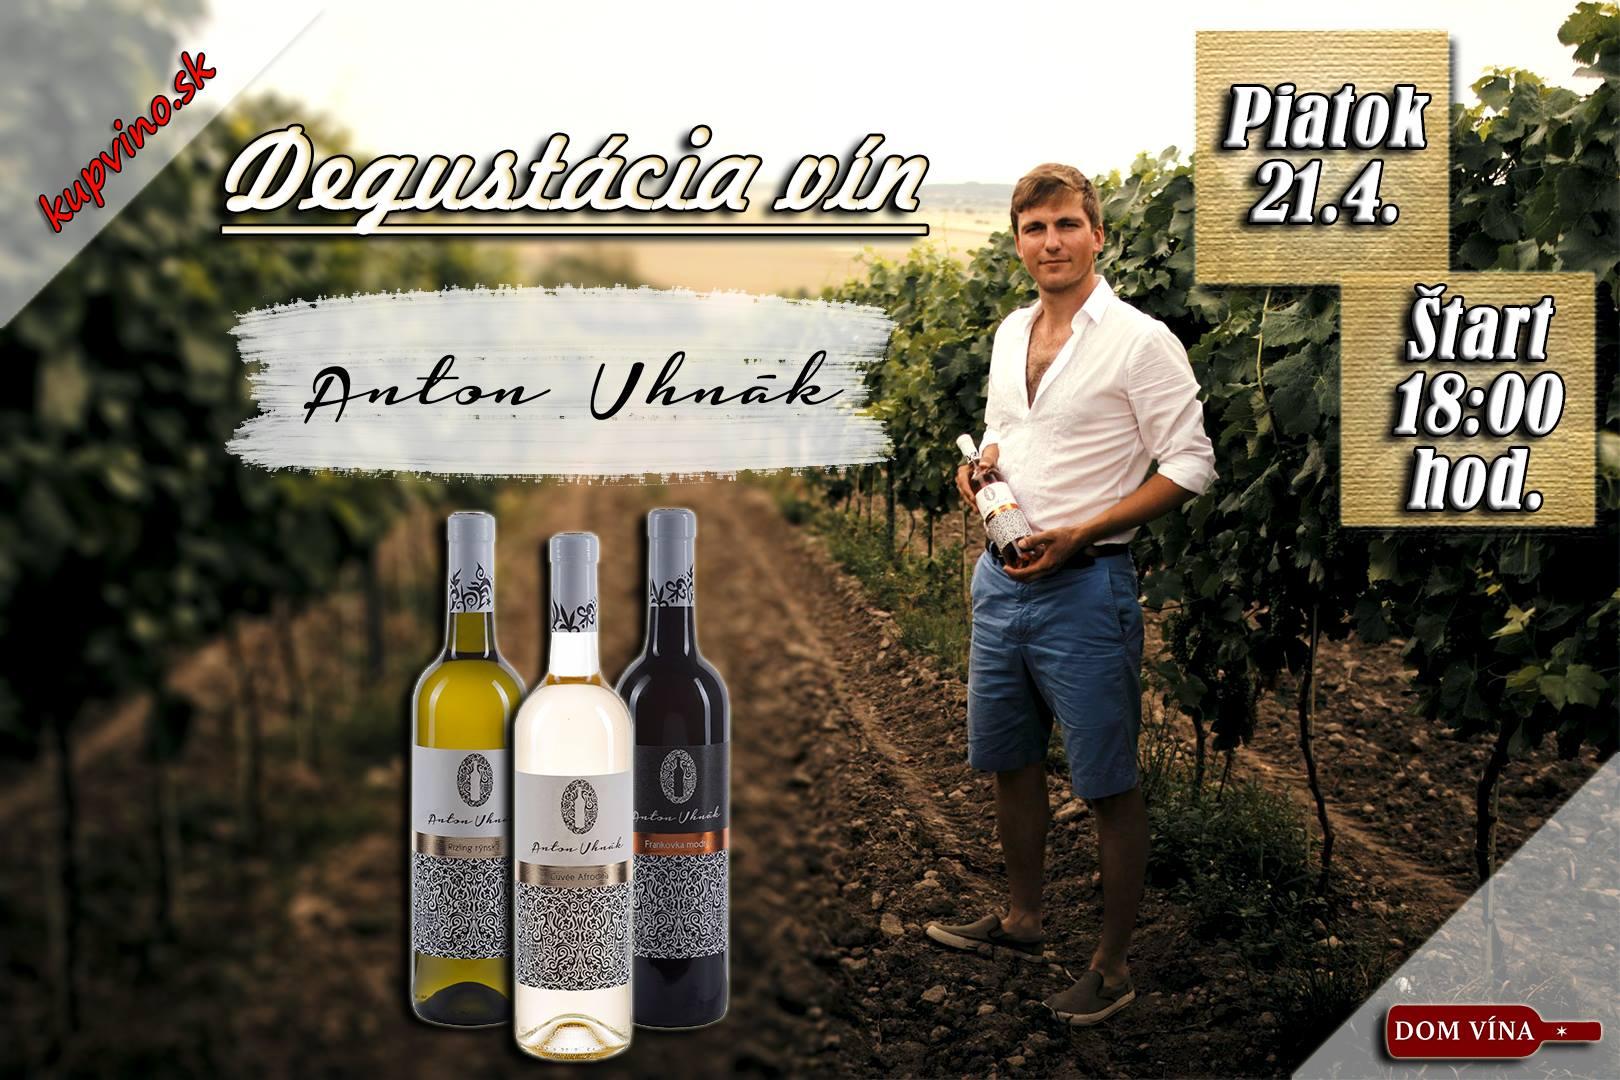 Degustácia vín Anton Uhnák v Dome vína Žilina